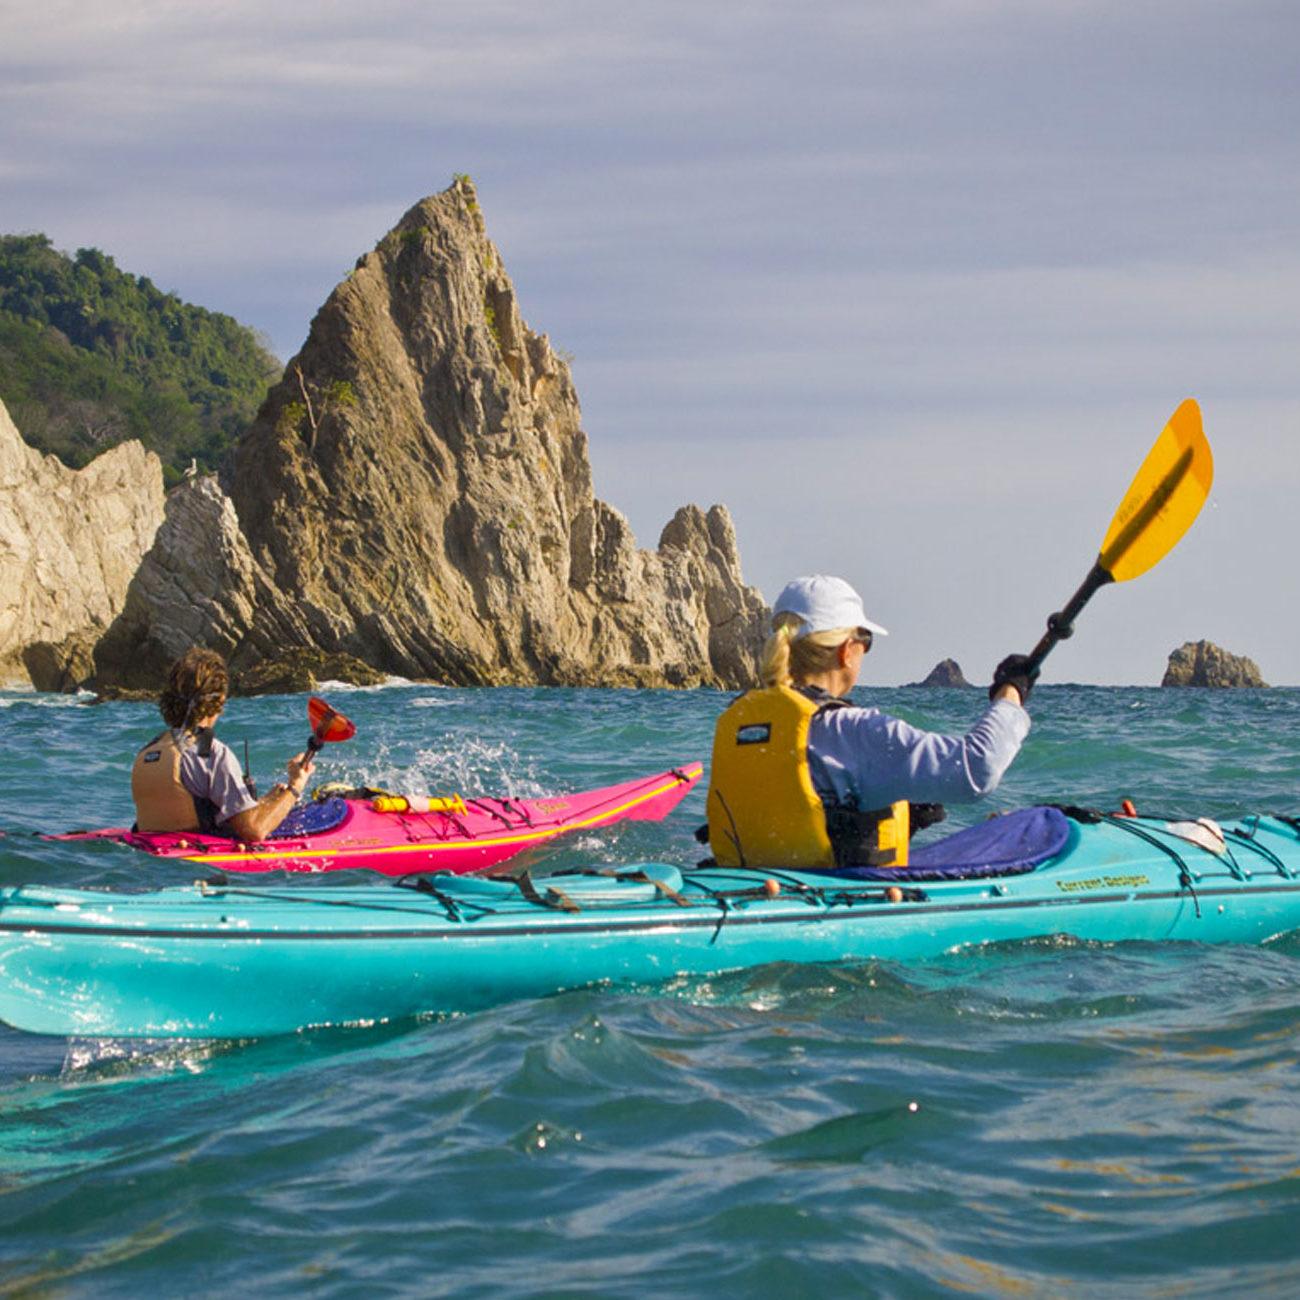 tours-ocean-kayaking